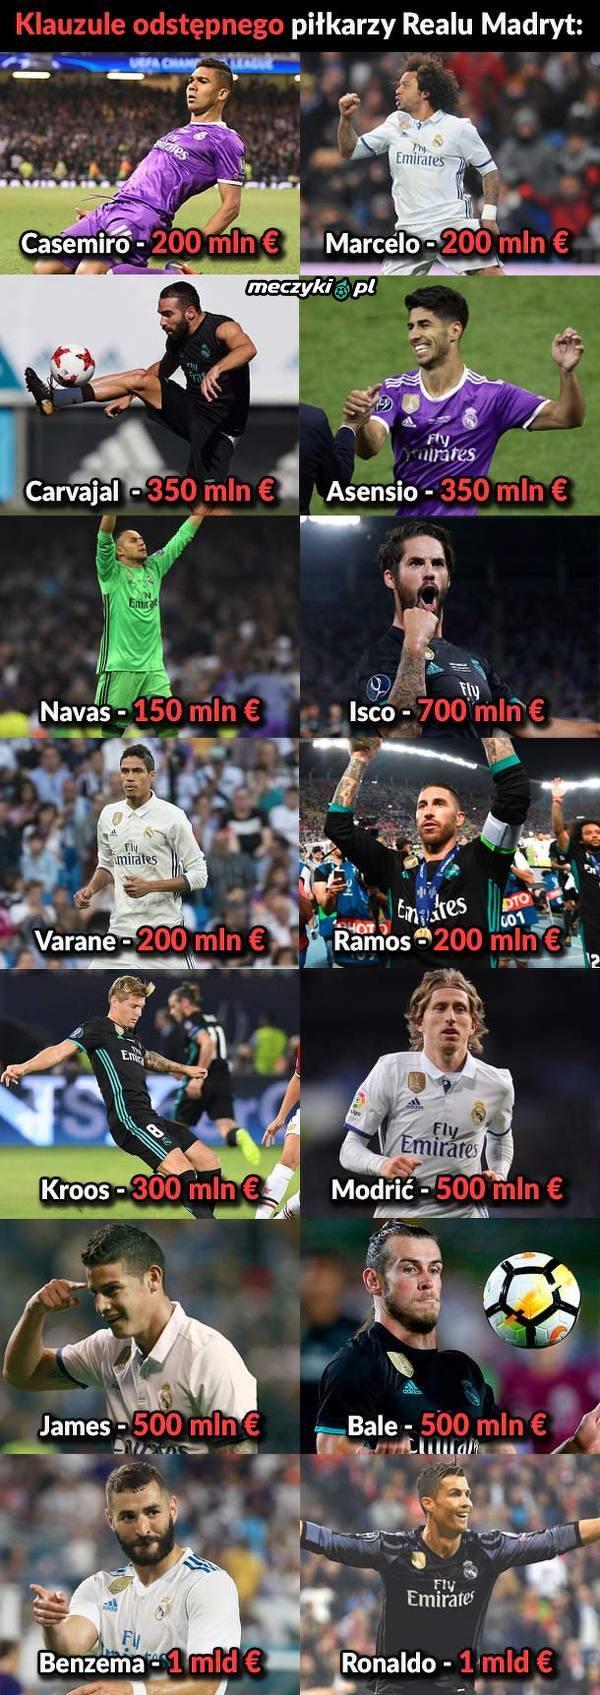 Kwoty odstępnego piłkarzy Realu Madryt